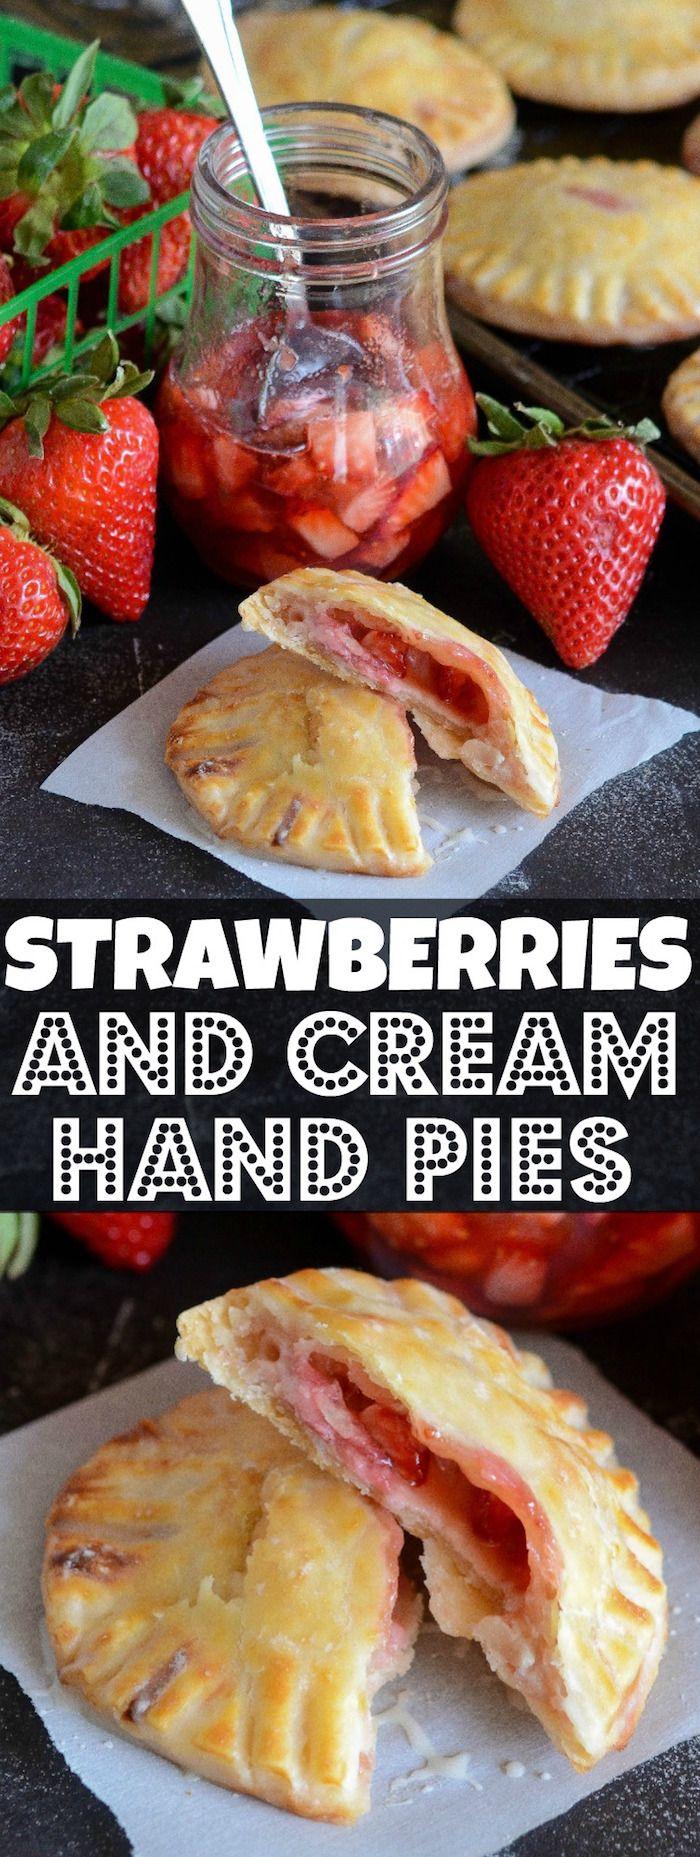 Strawberries & Cream Hand Pies